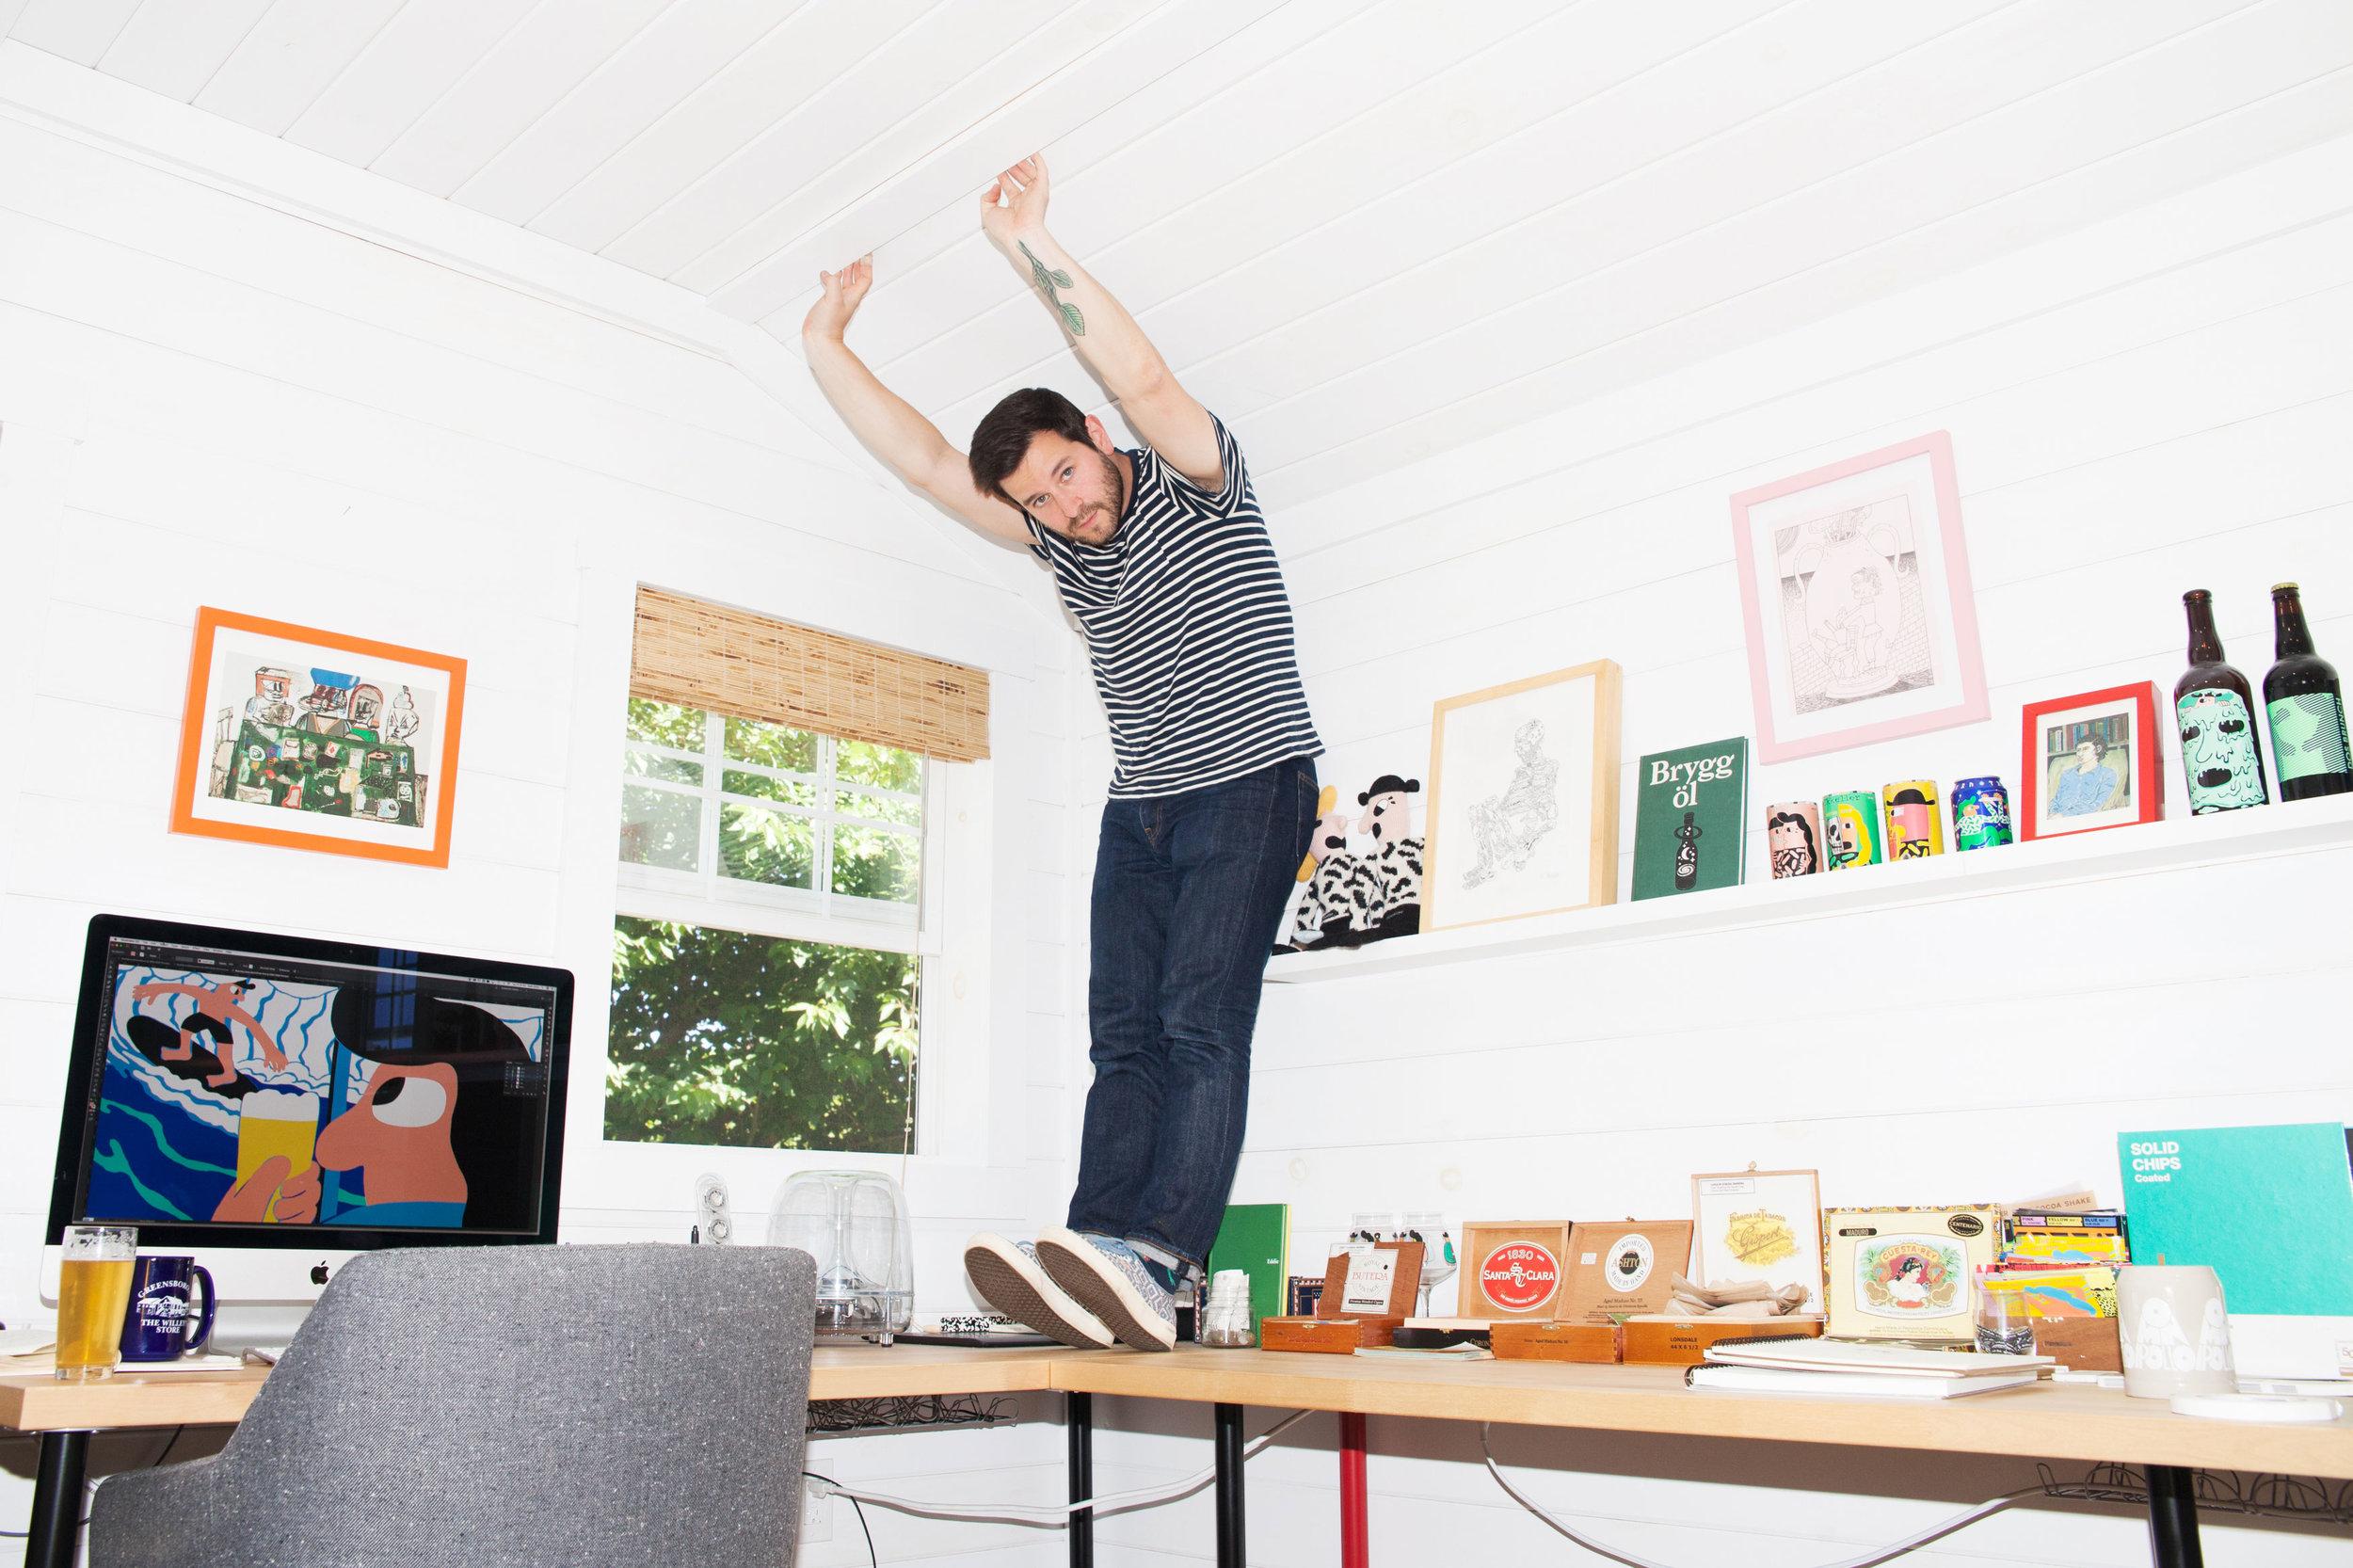 Keith Shore, Mikkeller's art director, in his studio.